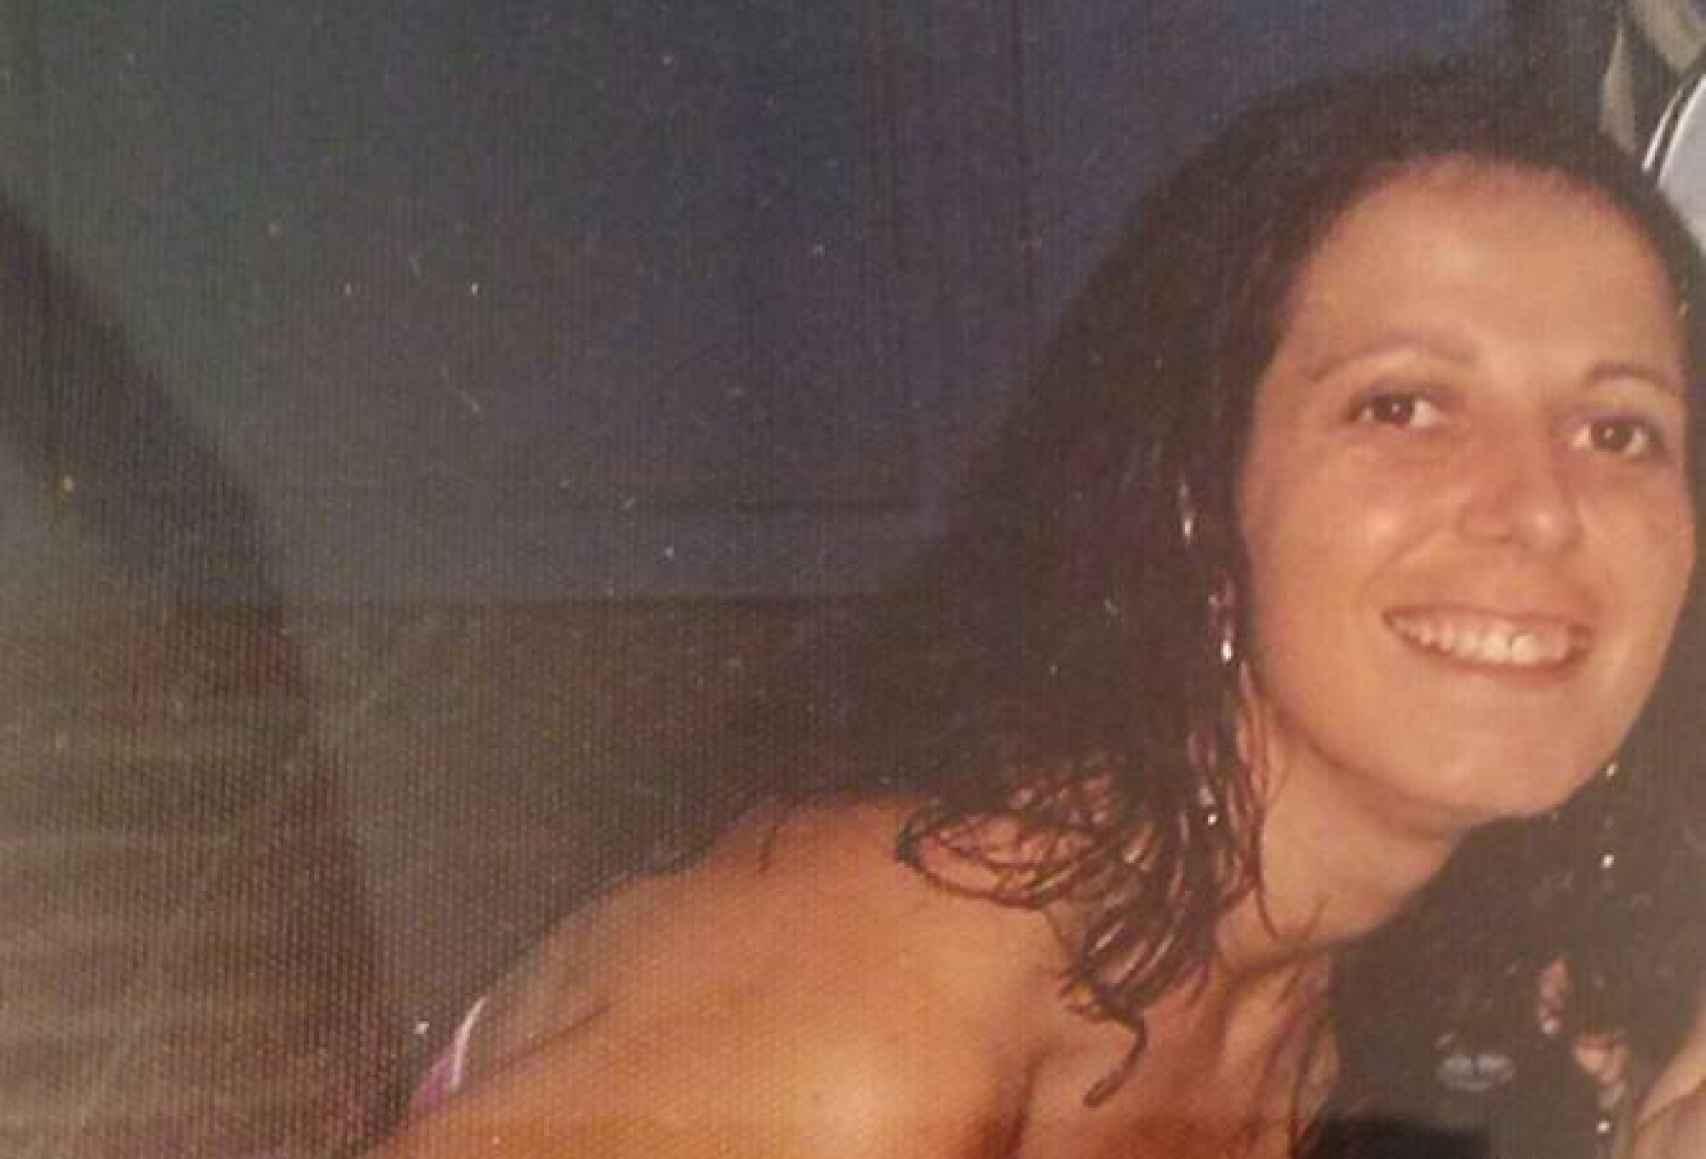 Toñi vivía en Huércal de Almería, donde trabajaba en un almacén de frutas y verduras y en un bar como camarera.